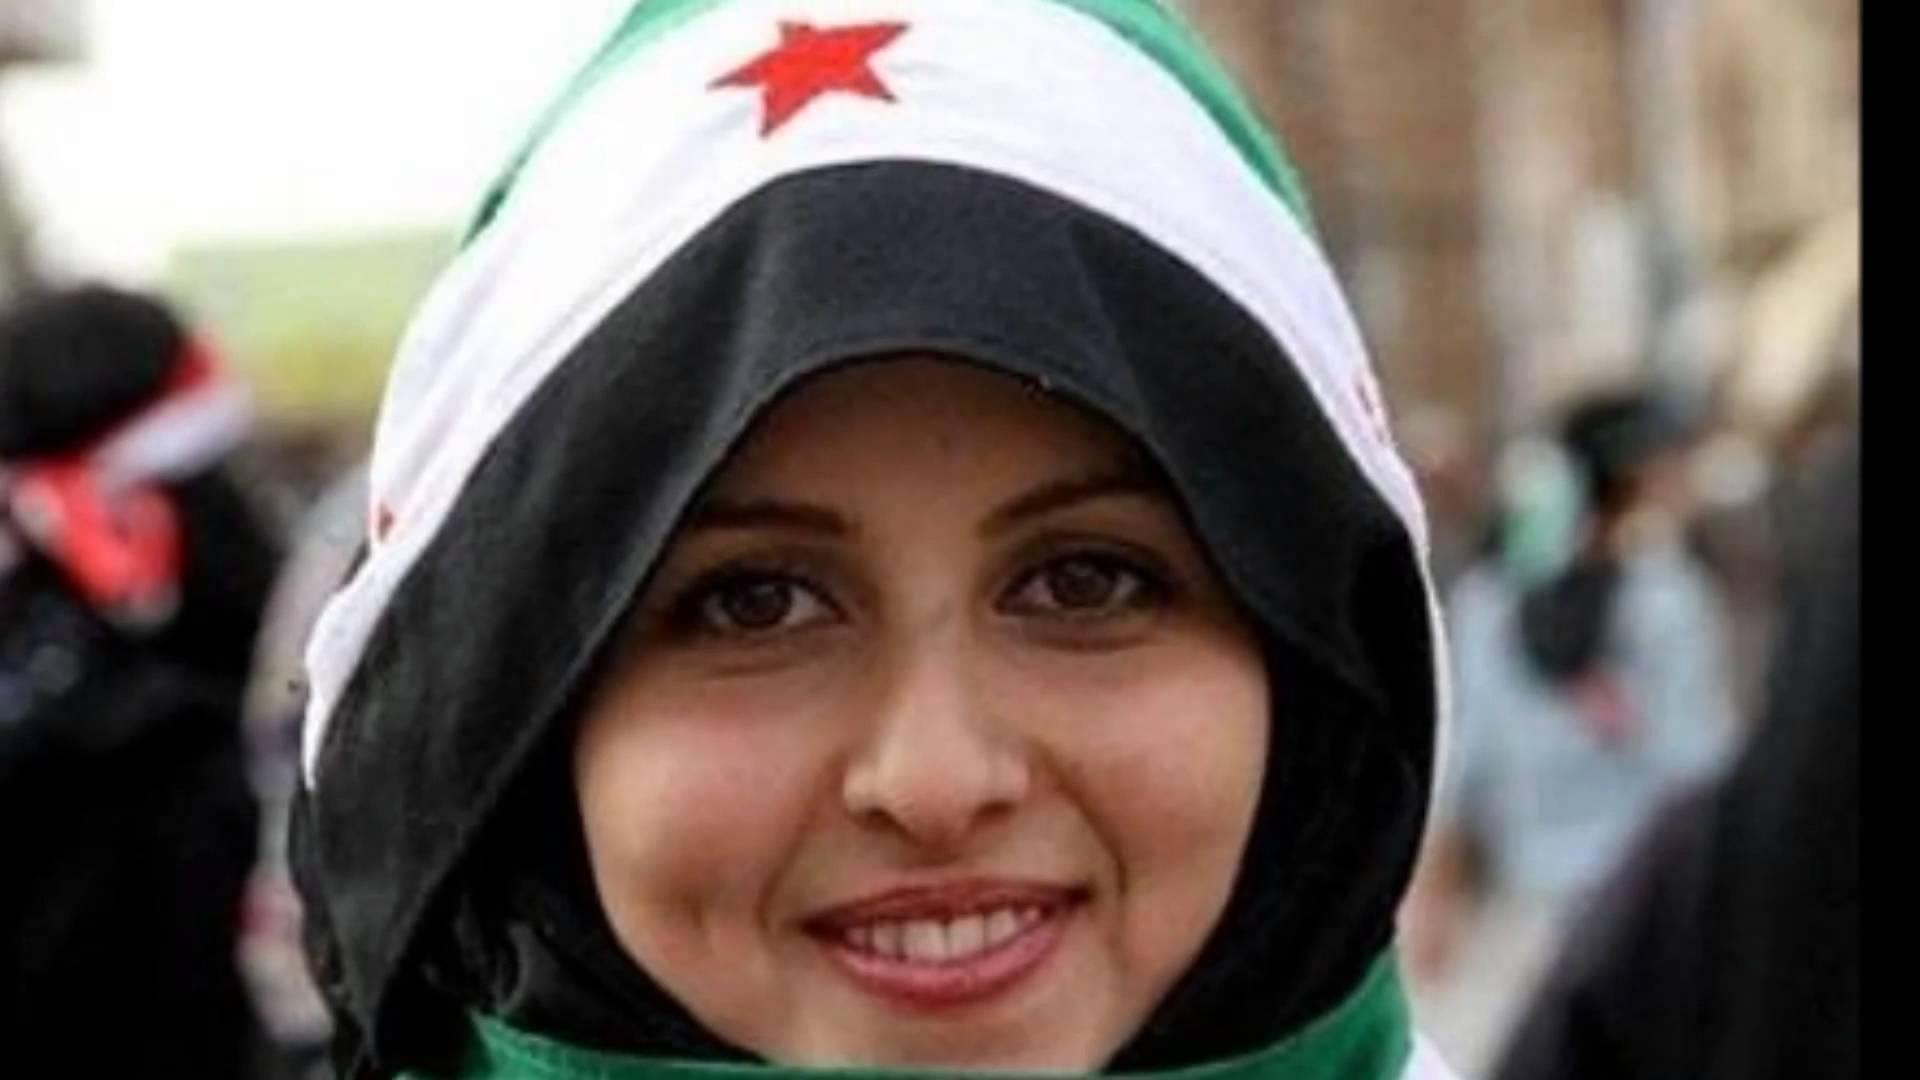 بالصور بنات عربي , اروع صور بنات العرب الجميلات 3101 9